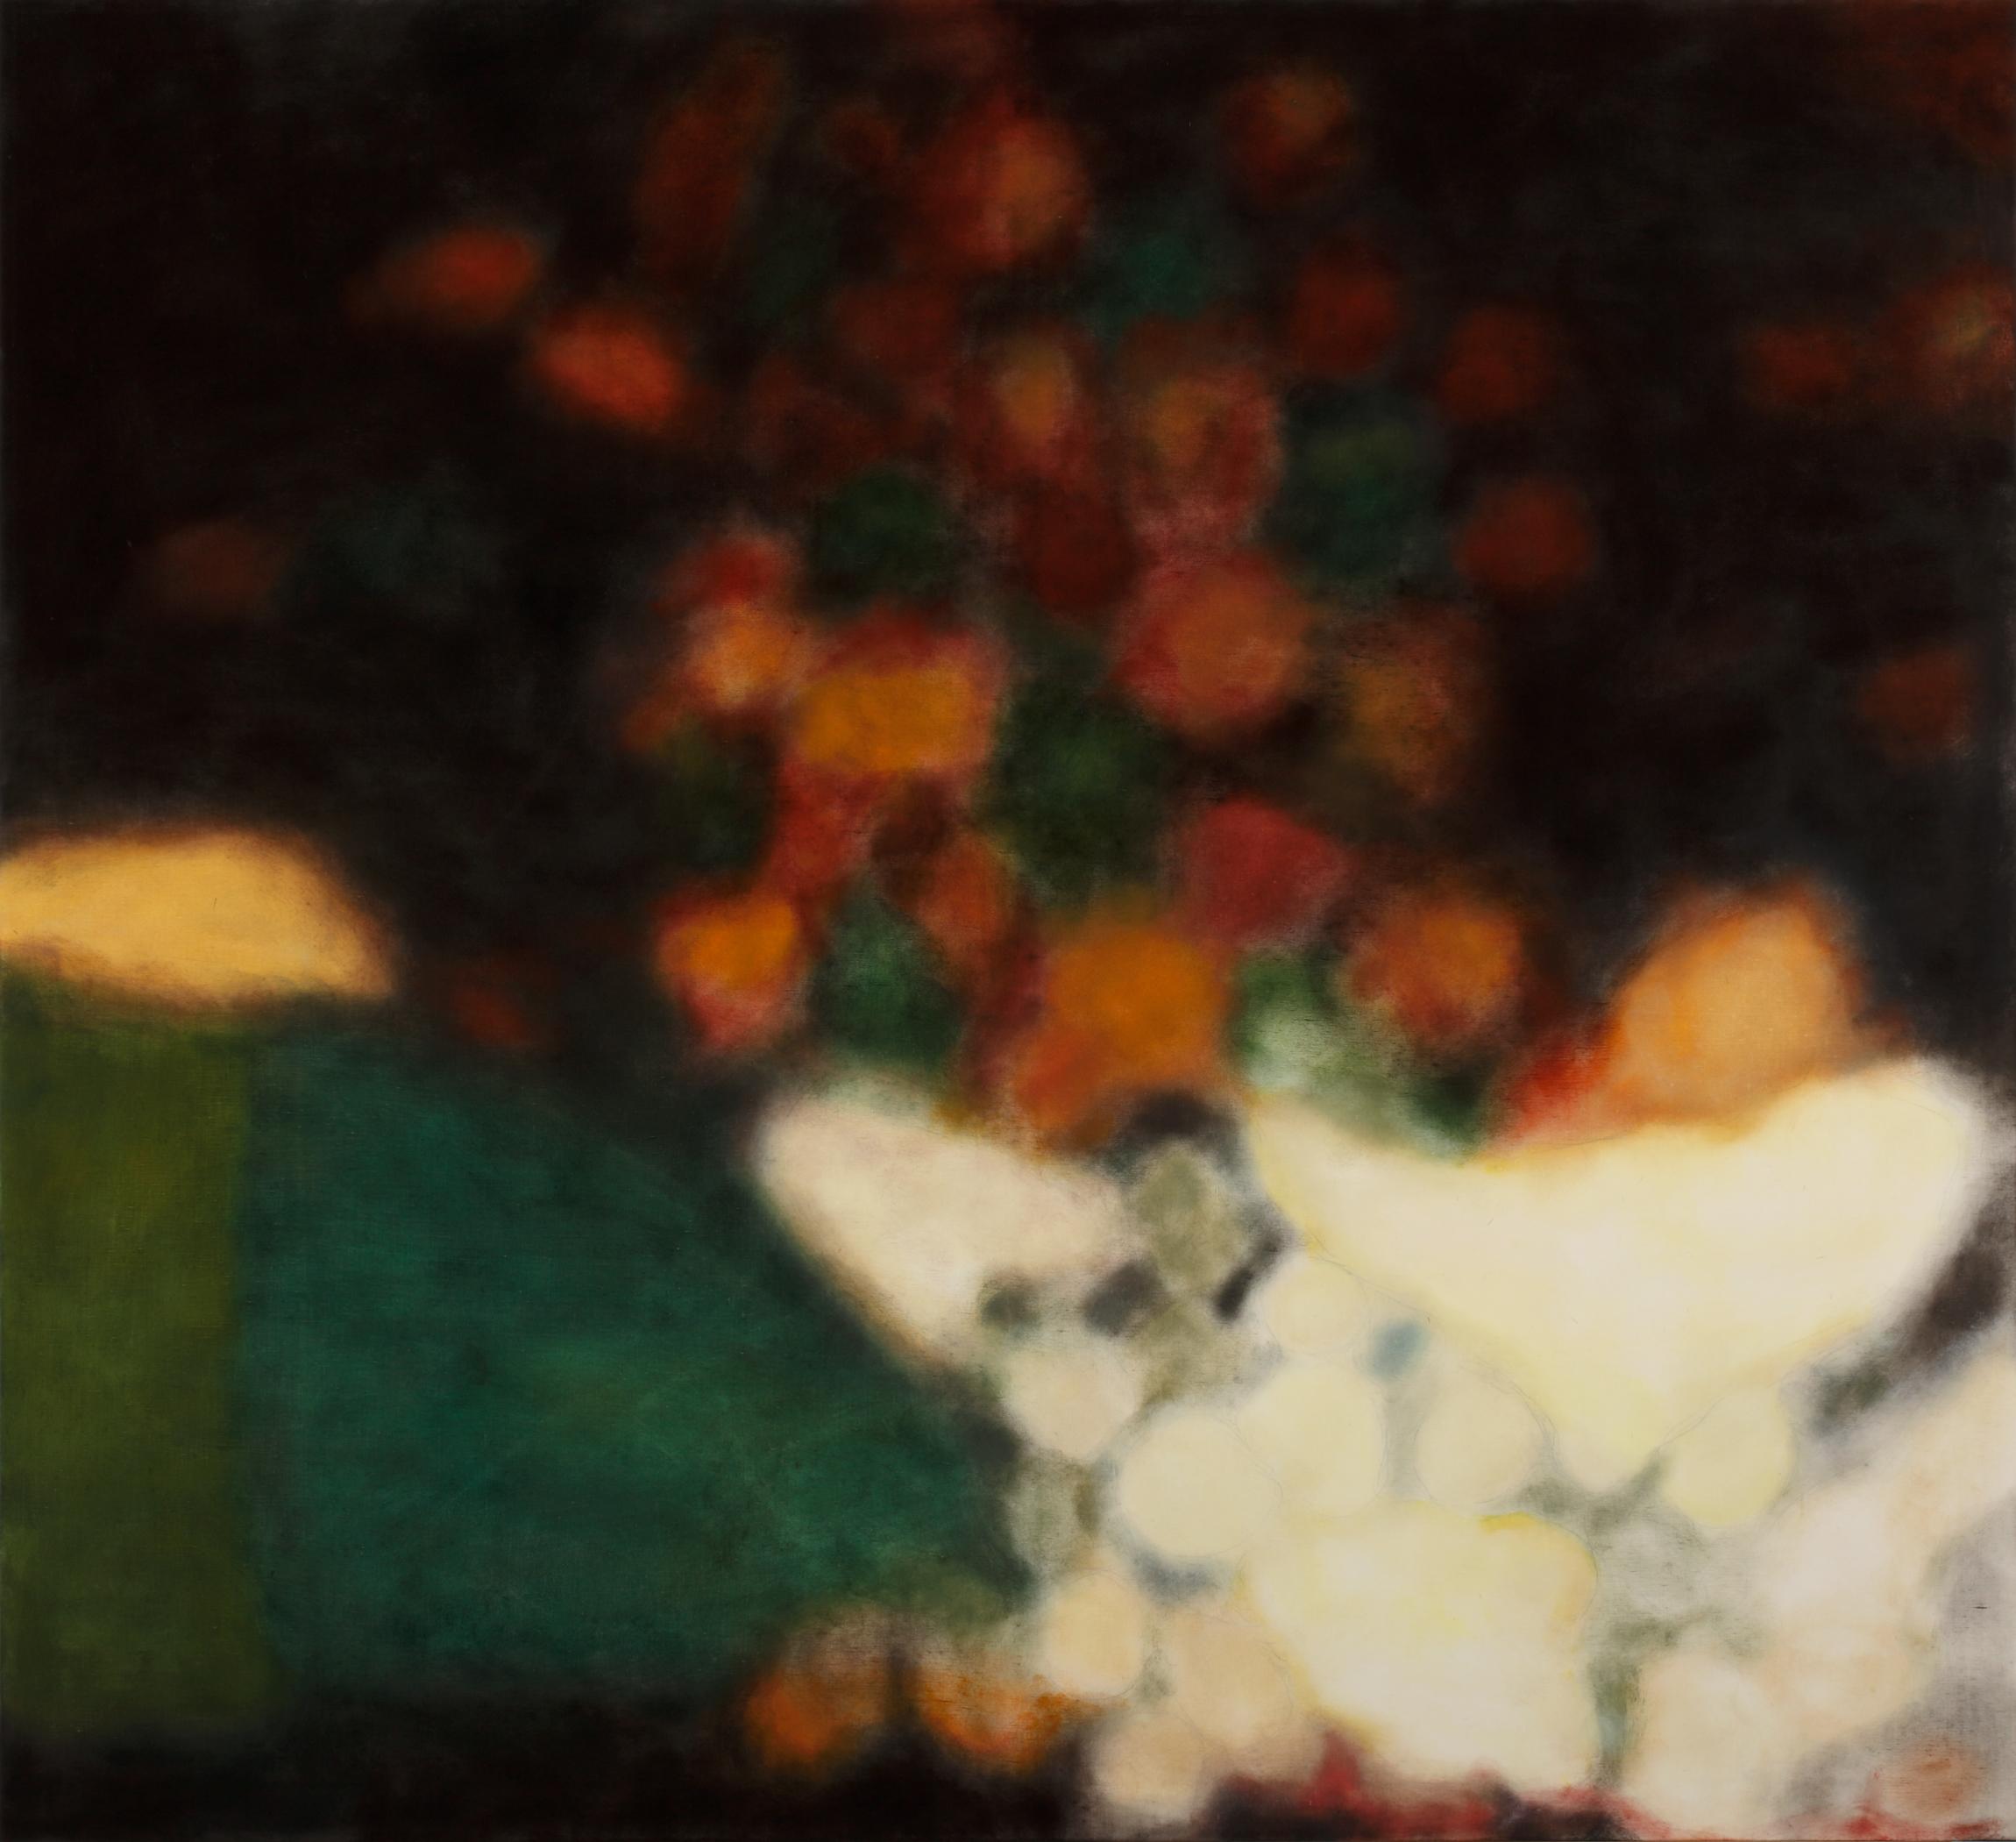 Liliane Tomasko Woven (Ausschnitt) © Liliane Tomasko